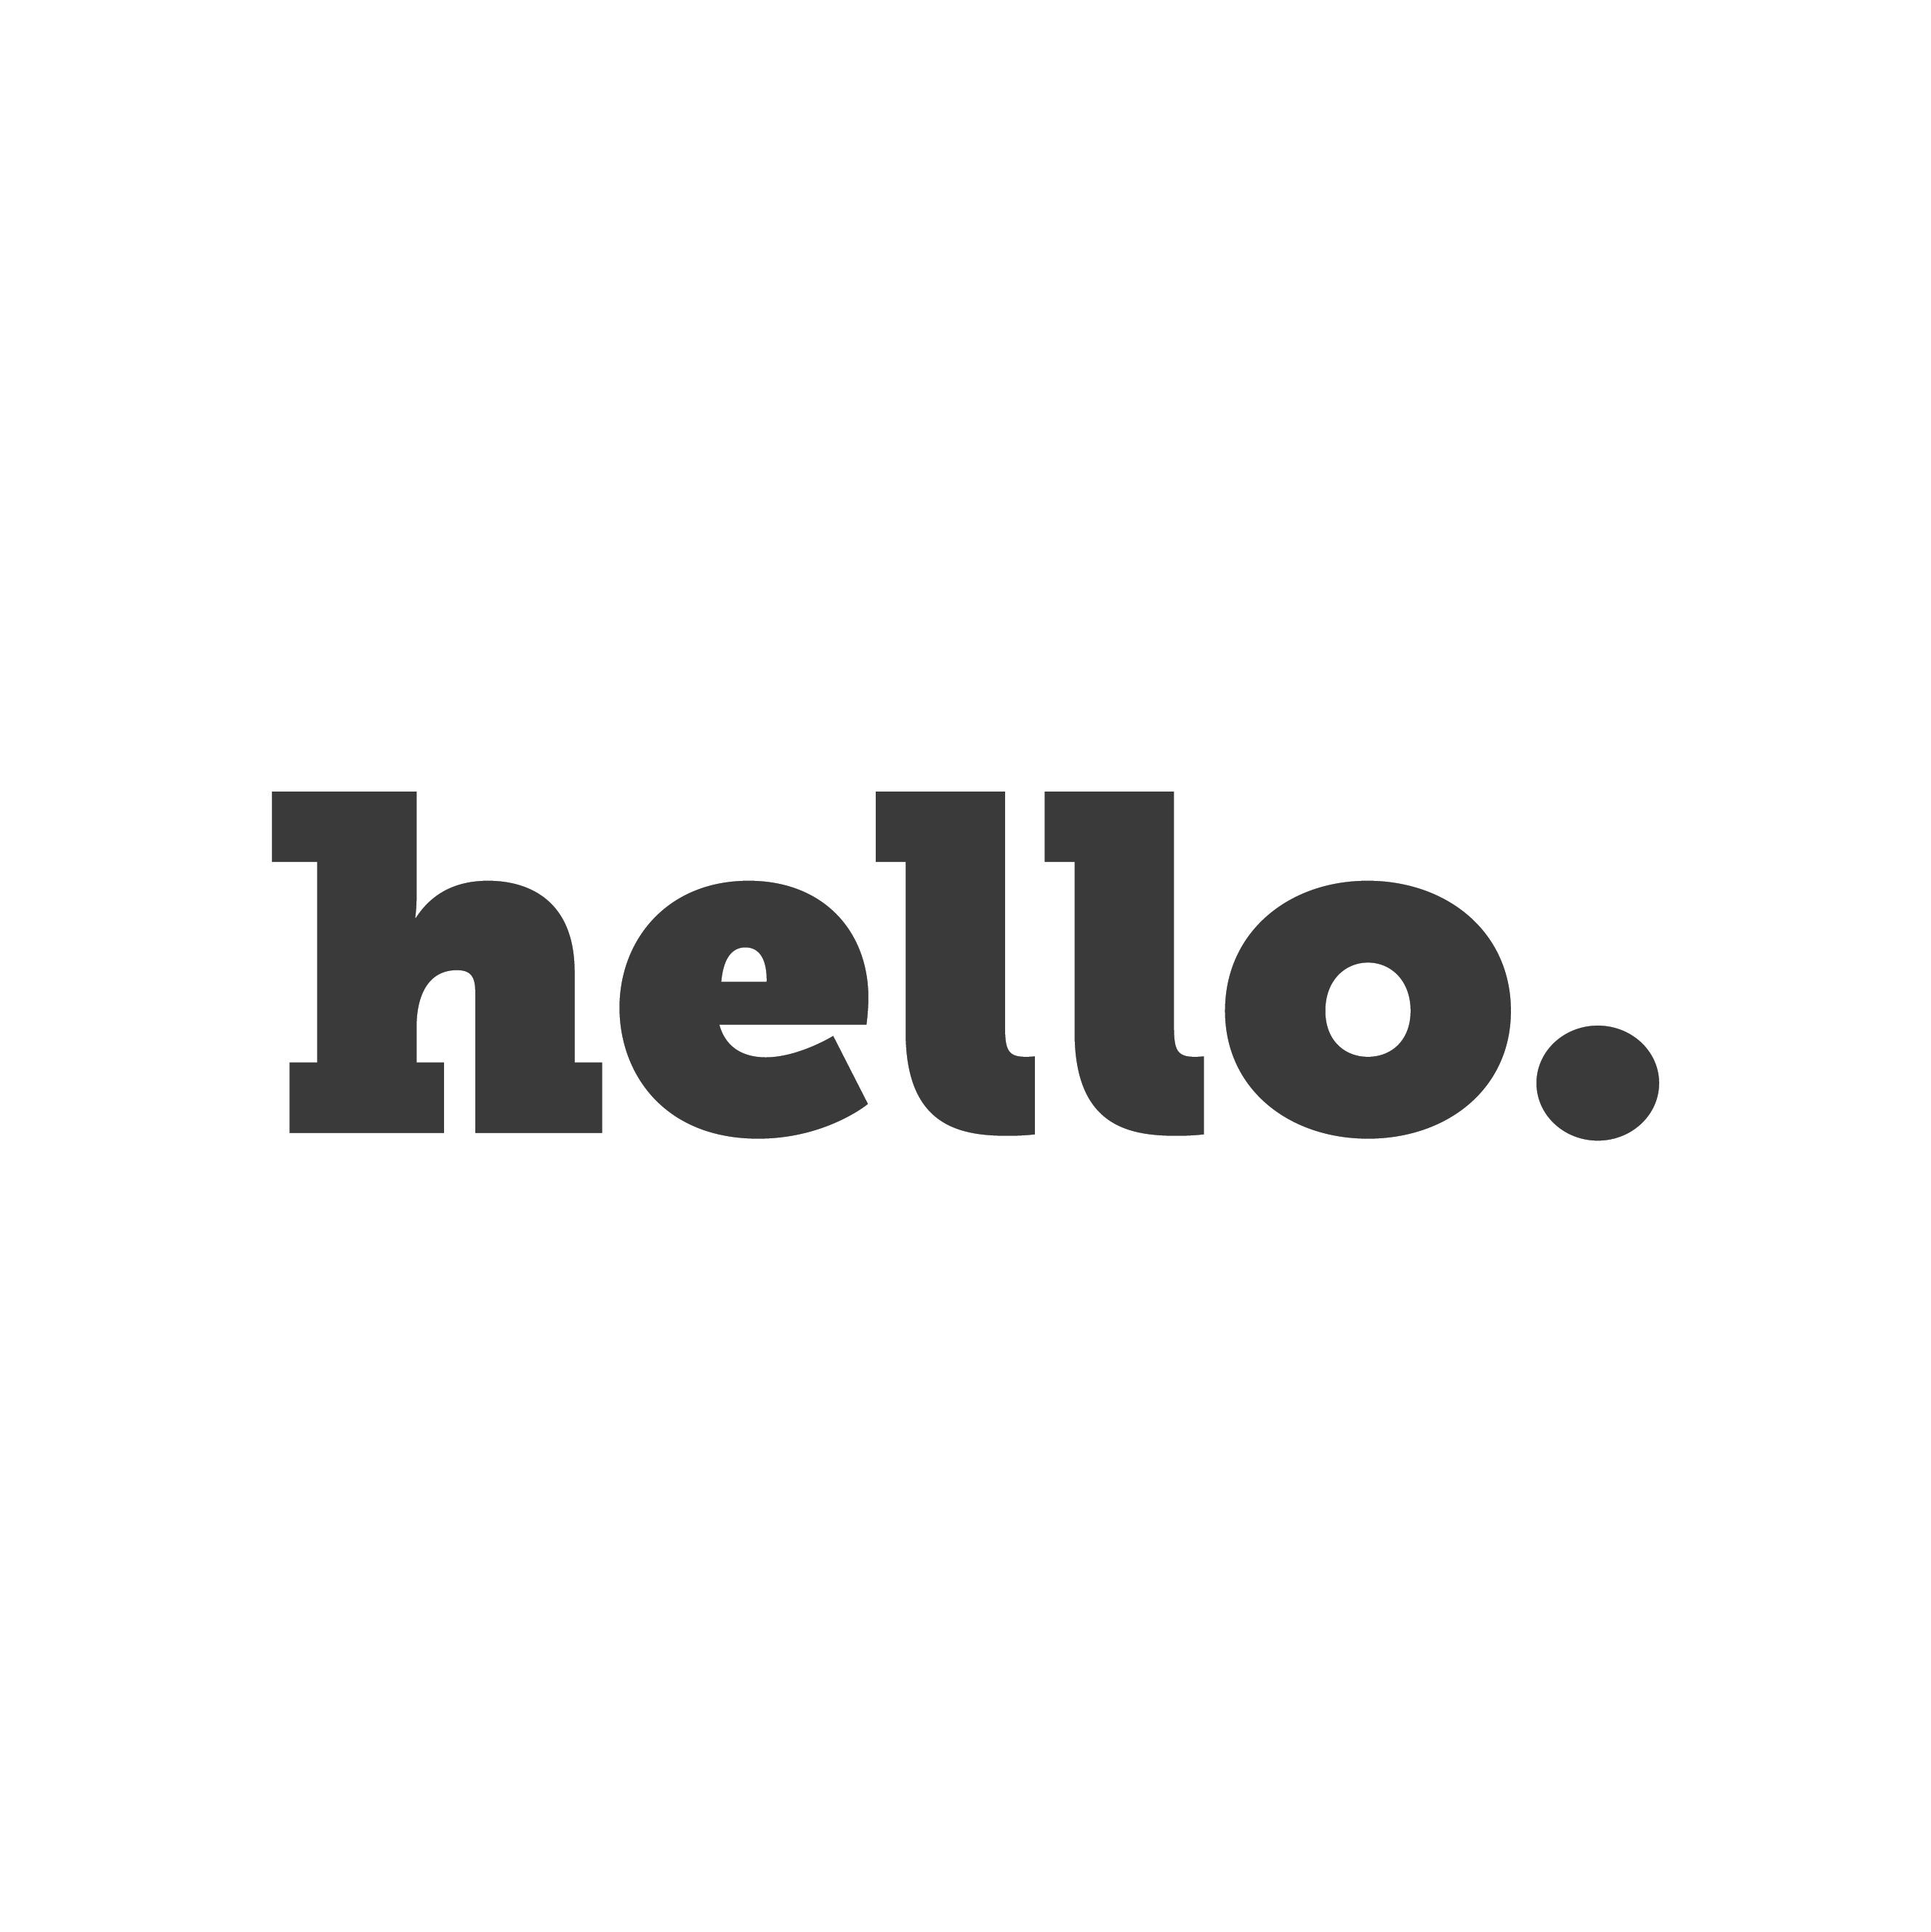 hello. Logo